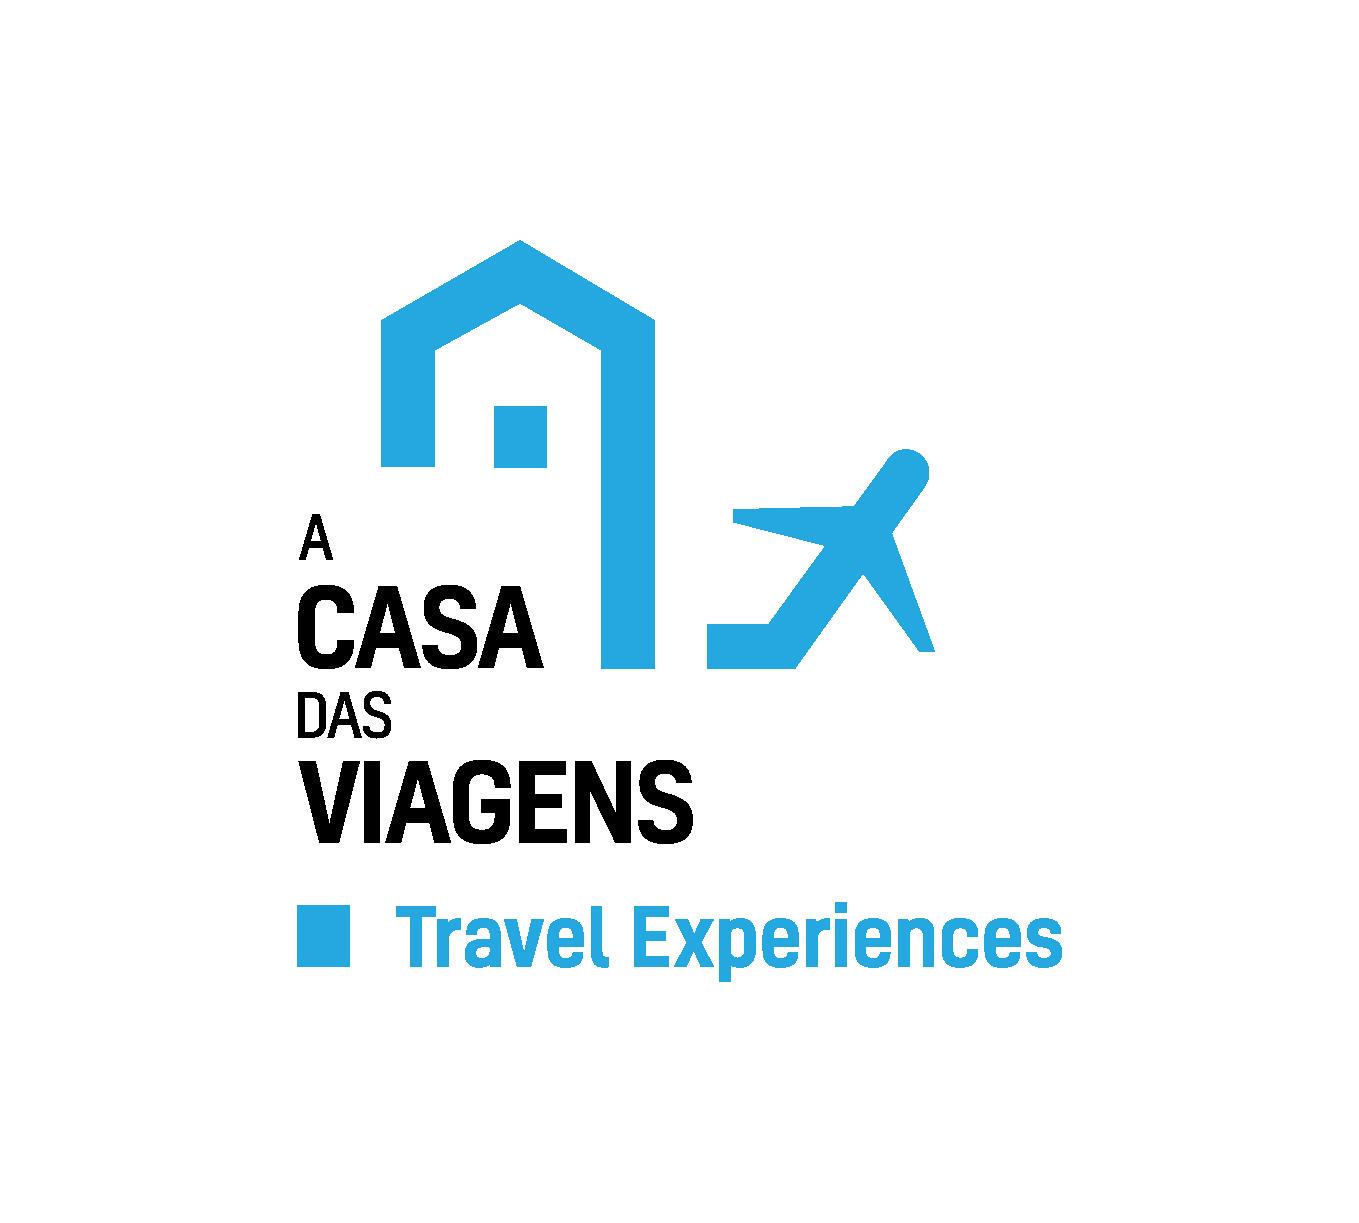 A Casa das Viagens - Travel Experience